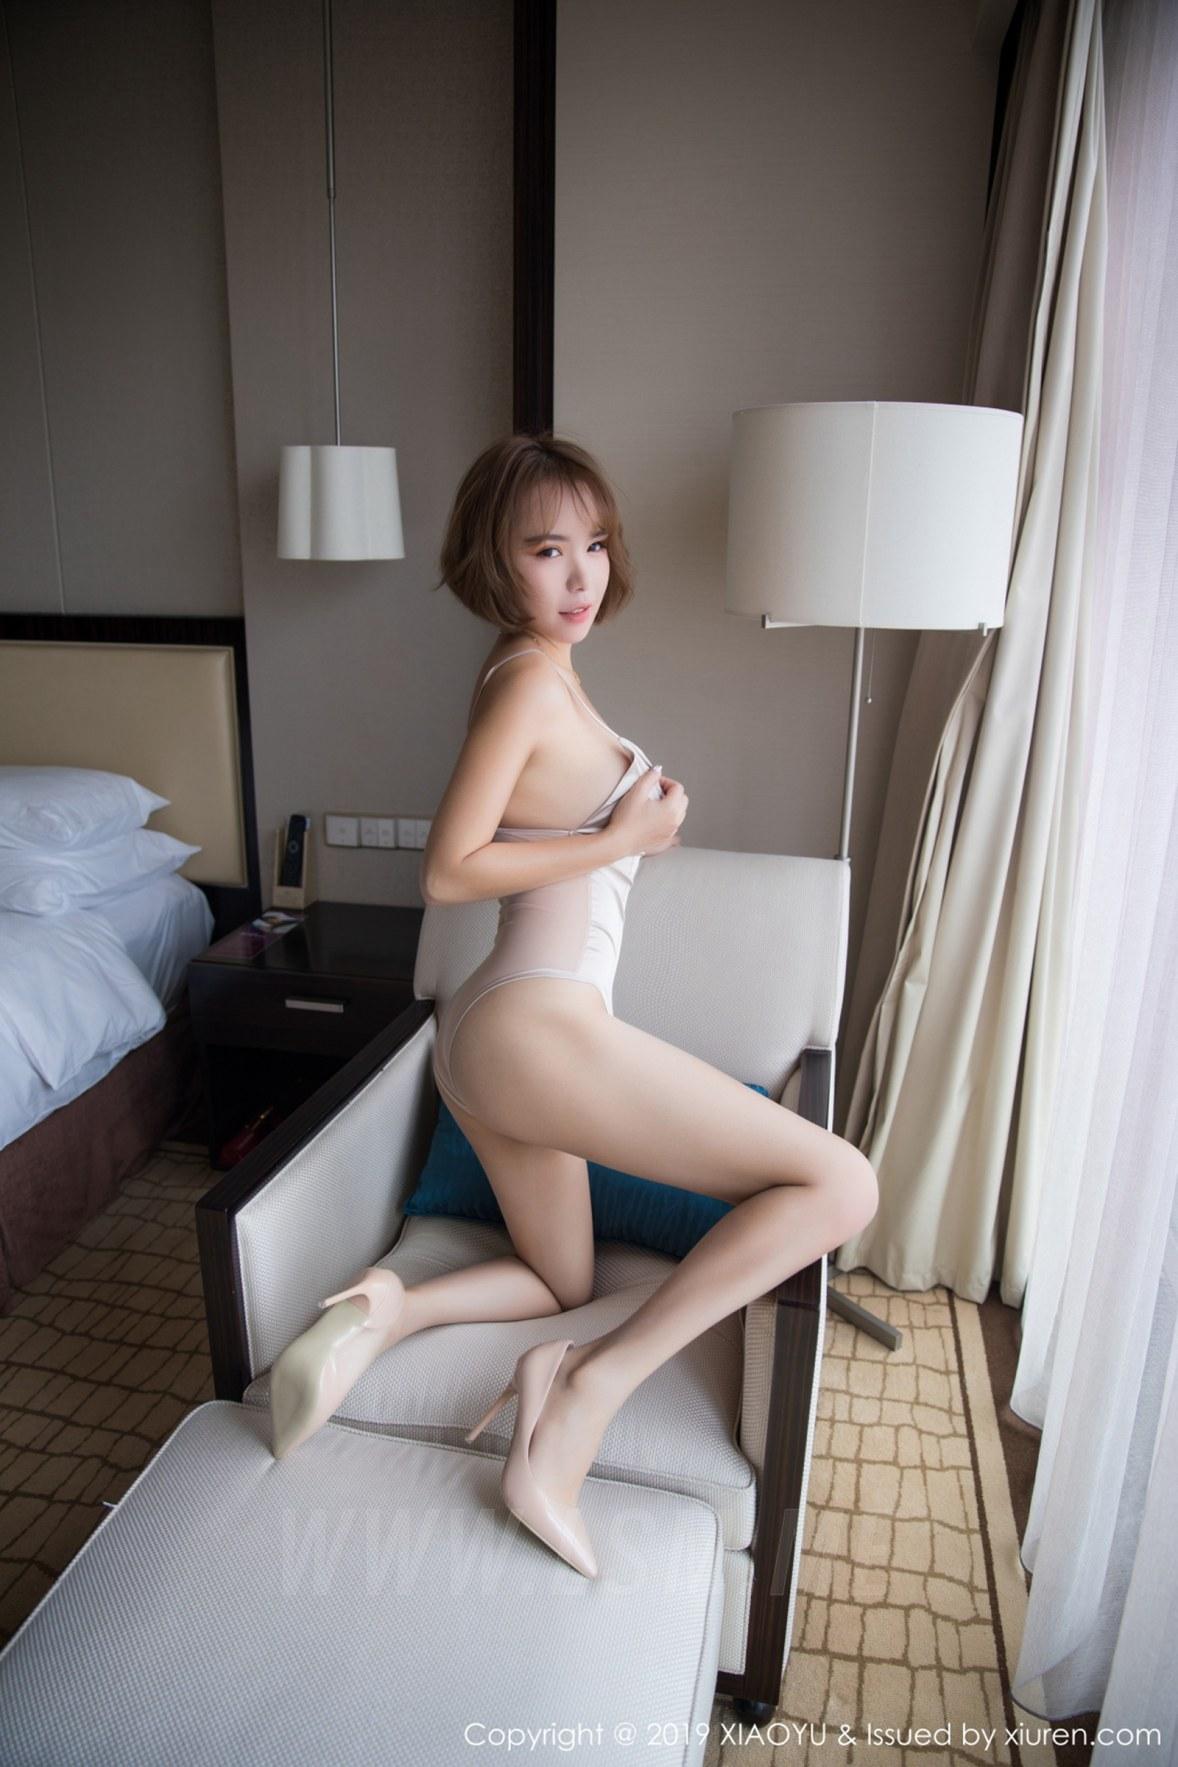 XIAOYU  语画界 Vol.015 雅雯 高跟私房 - 2